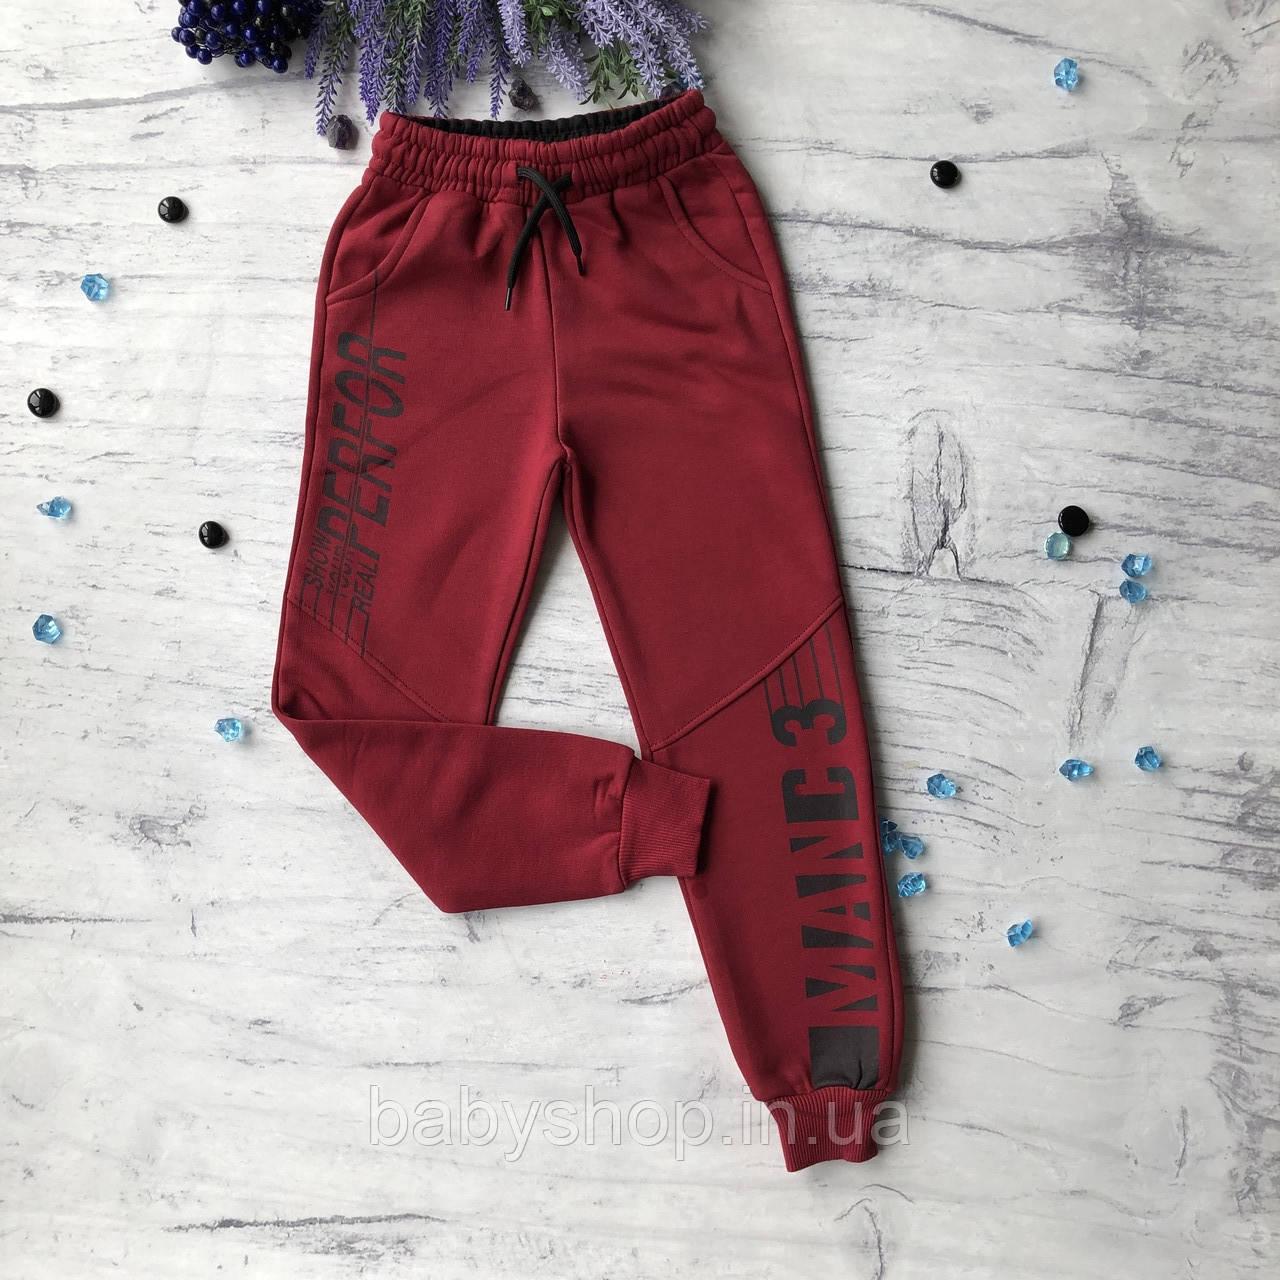 Теплые красные подростковые спортивные штаны для мальчика Toontoy. Размер 128 см